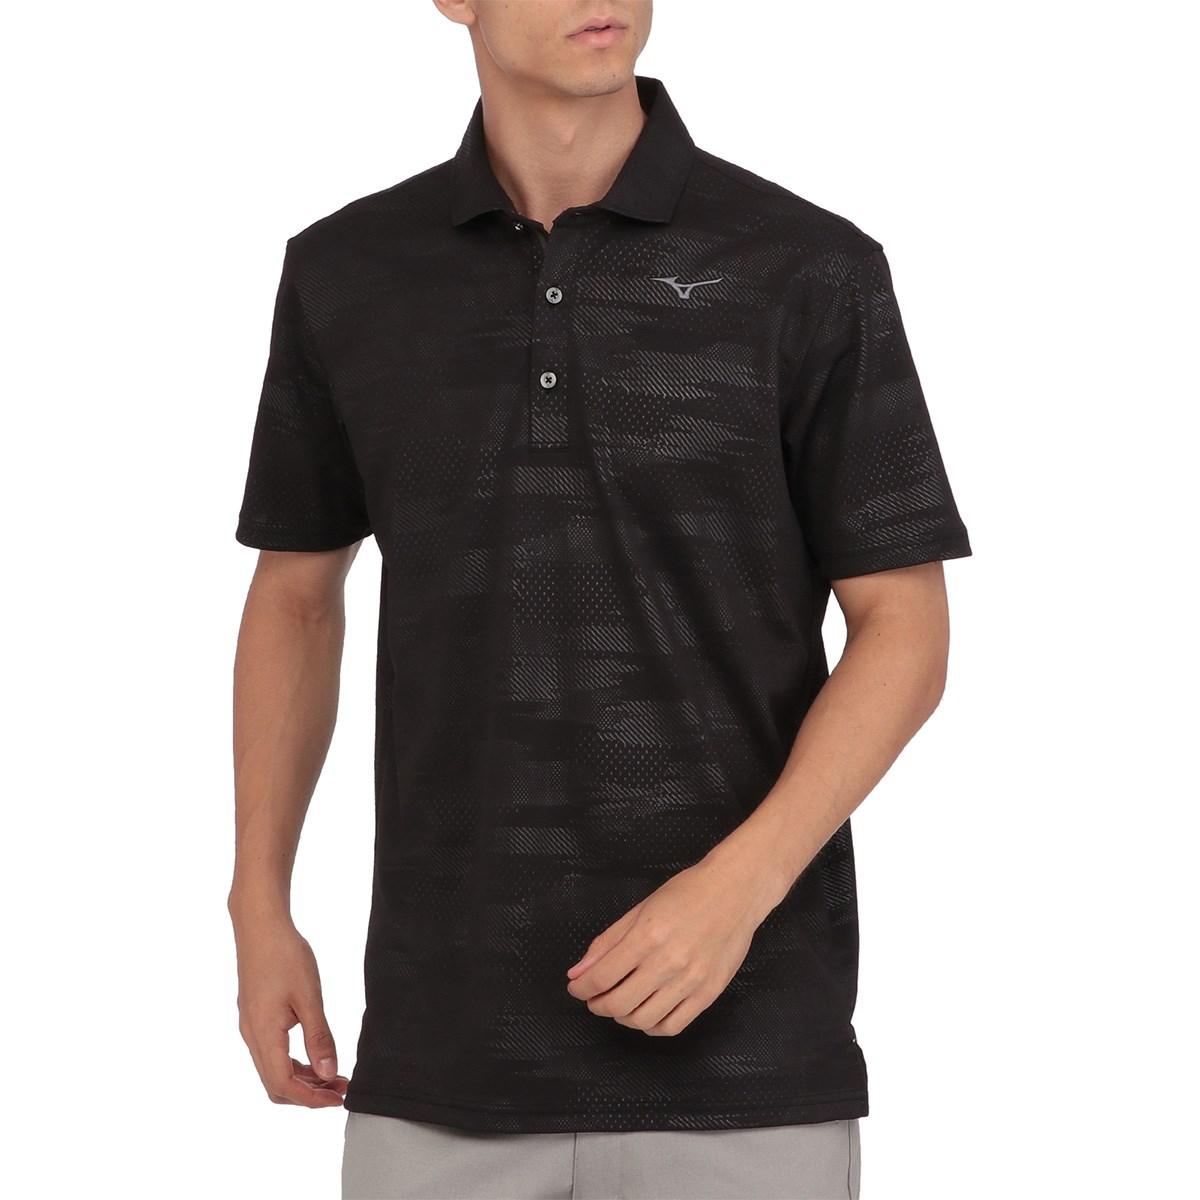 ミズノ MIZUNO GOLF ソーラーカットプリント半袖ポロシャツ L ブラック 09